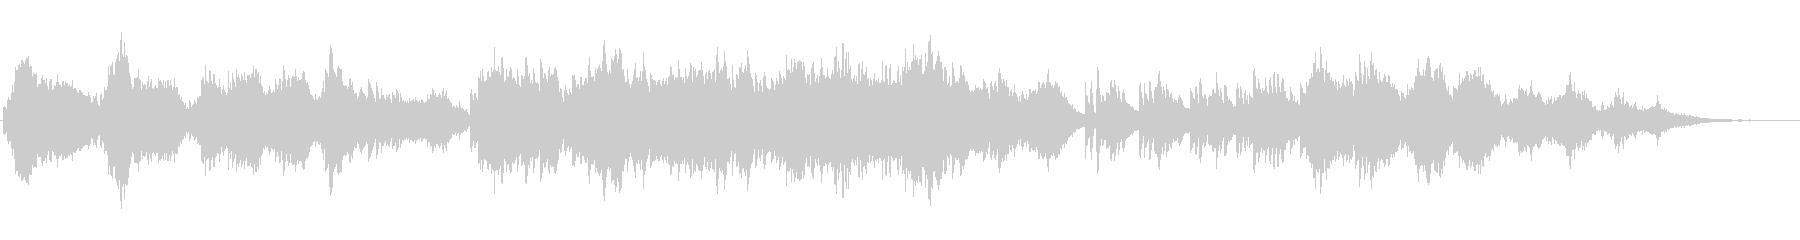 ピアノとストリングスの優しい曲08の未再生の波形